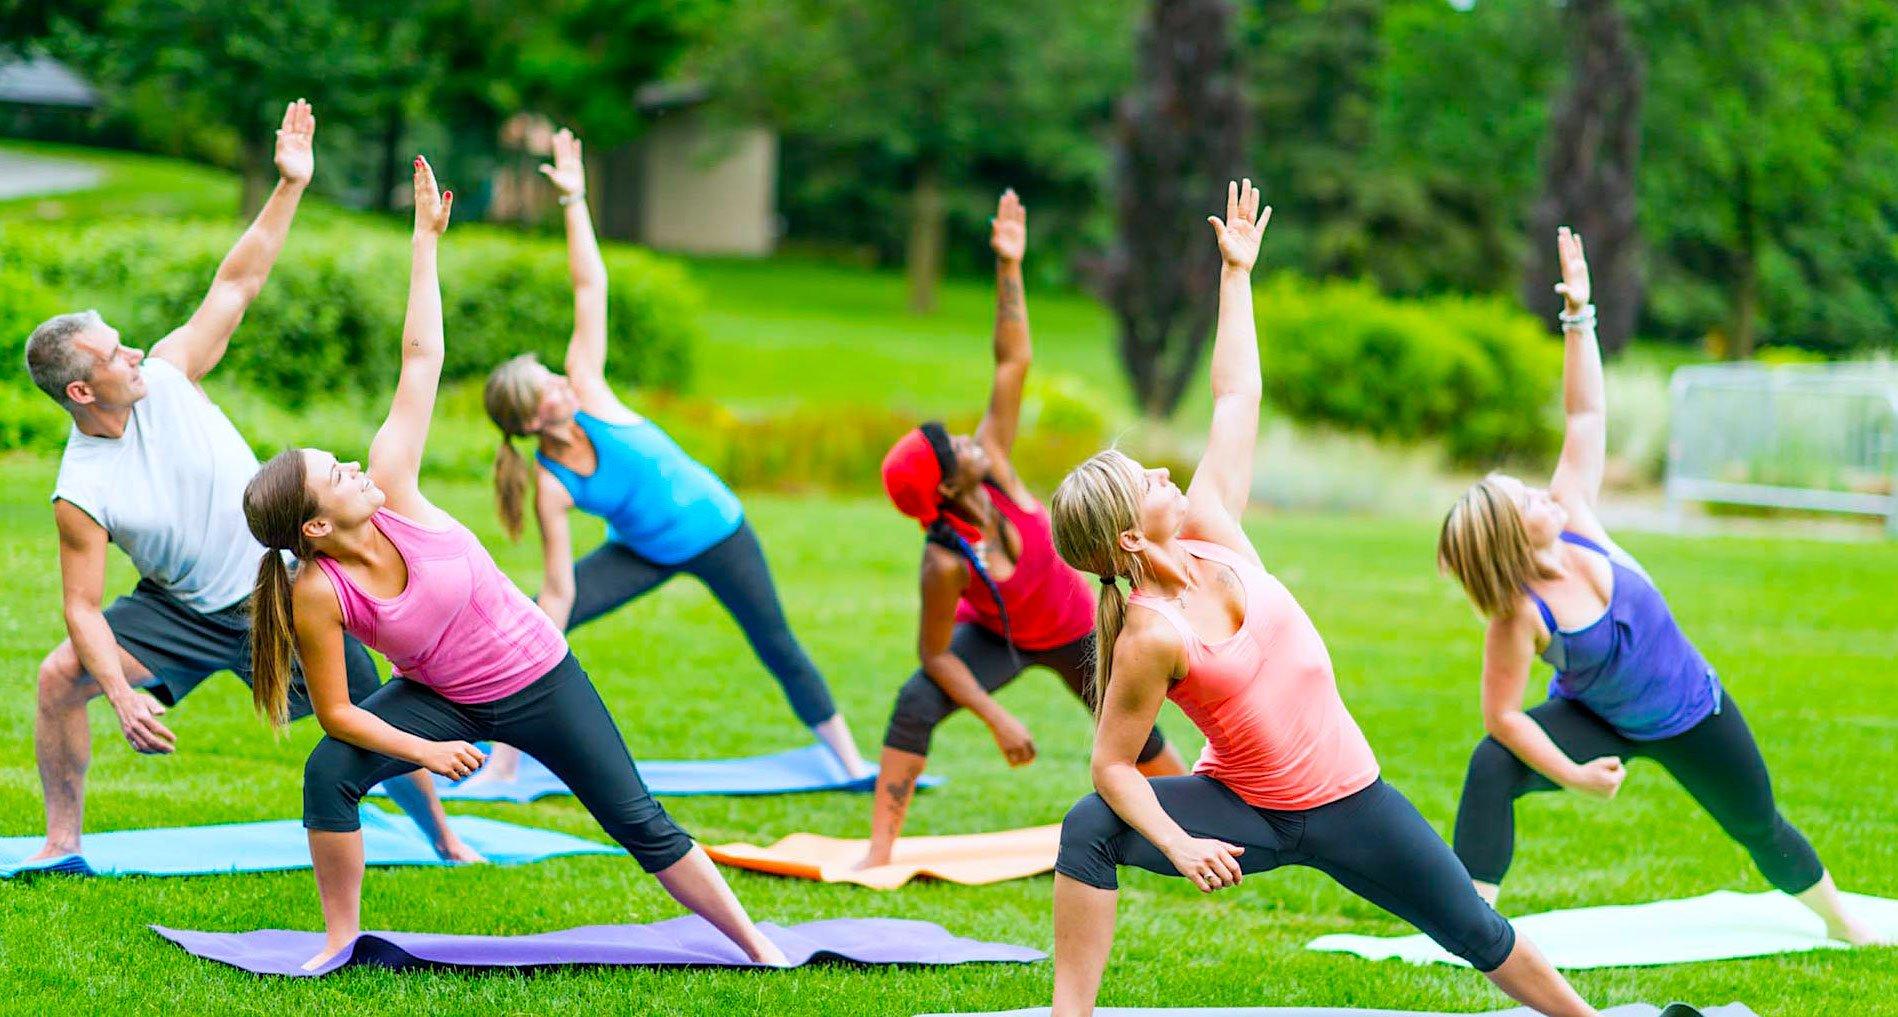 картинка фитнес на улице публикации